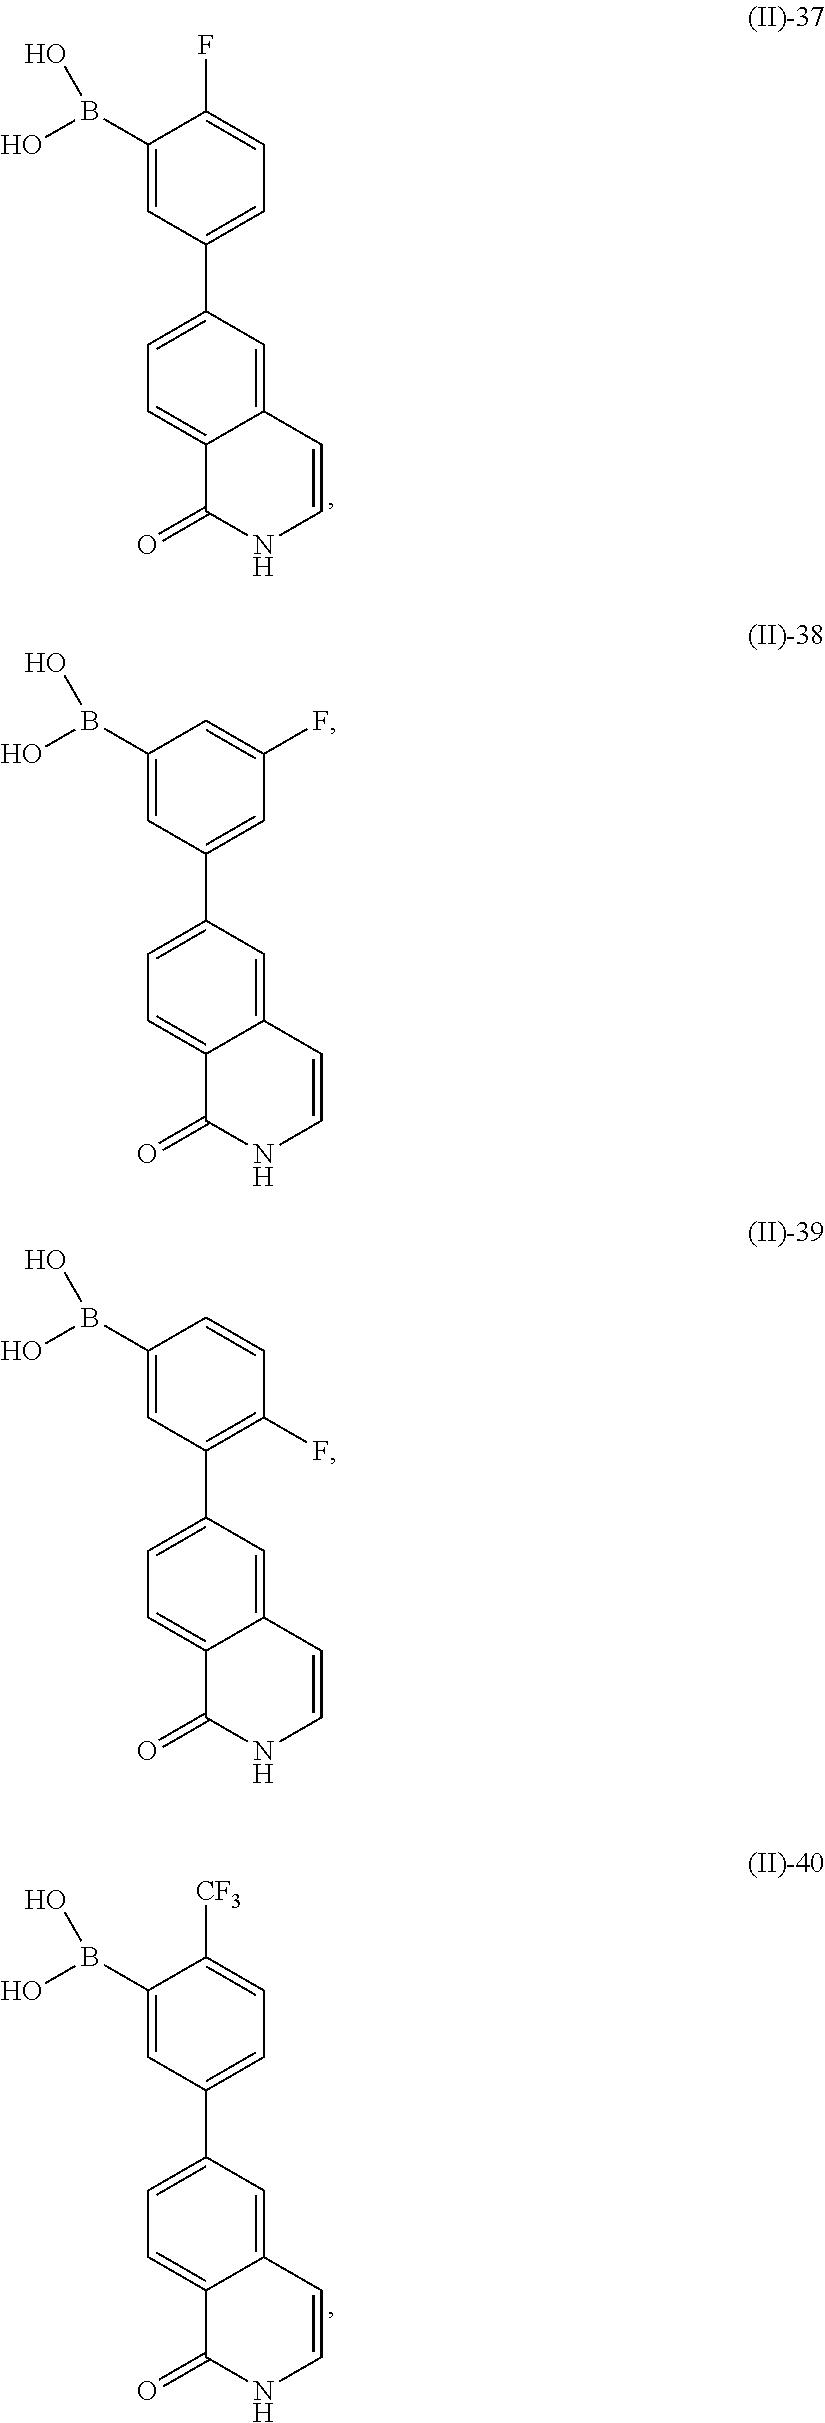 Figure US09630979-20170425-C00015